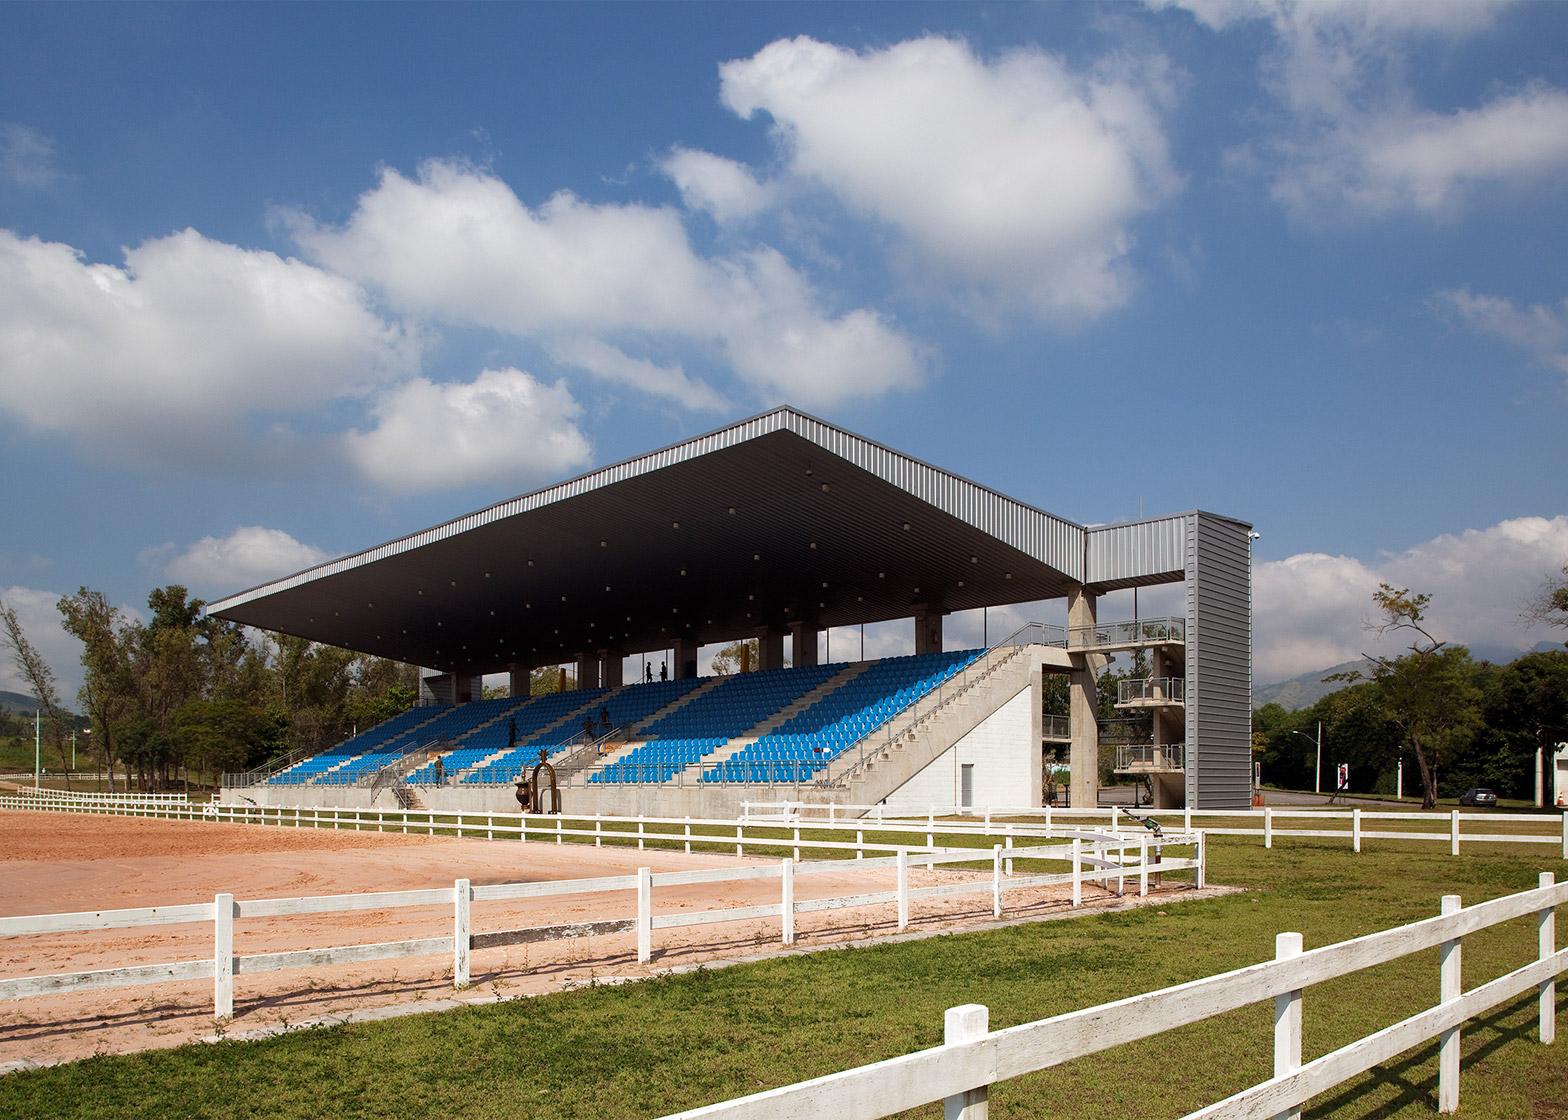 Equestrian Centre arena by BCMF Arquitetos, Bruno Campos, Marcelo Fontes and Silvio Todeschi